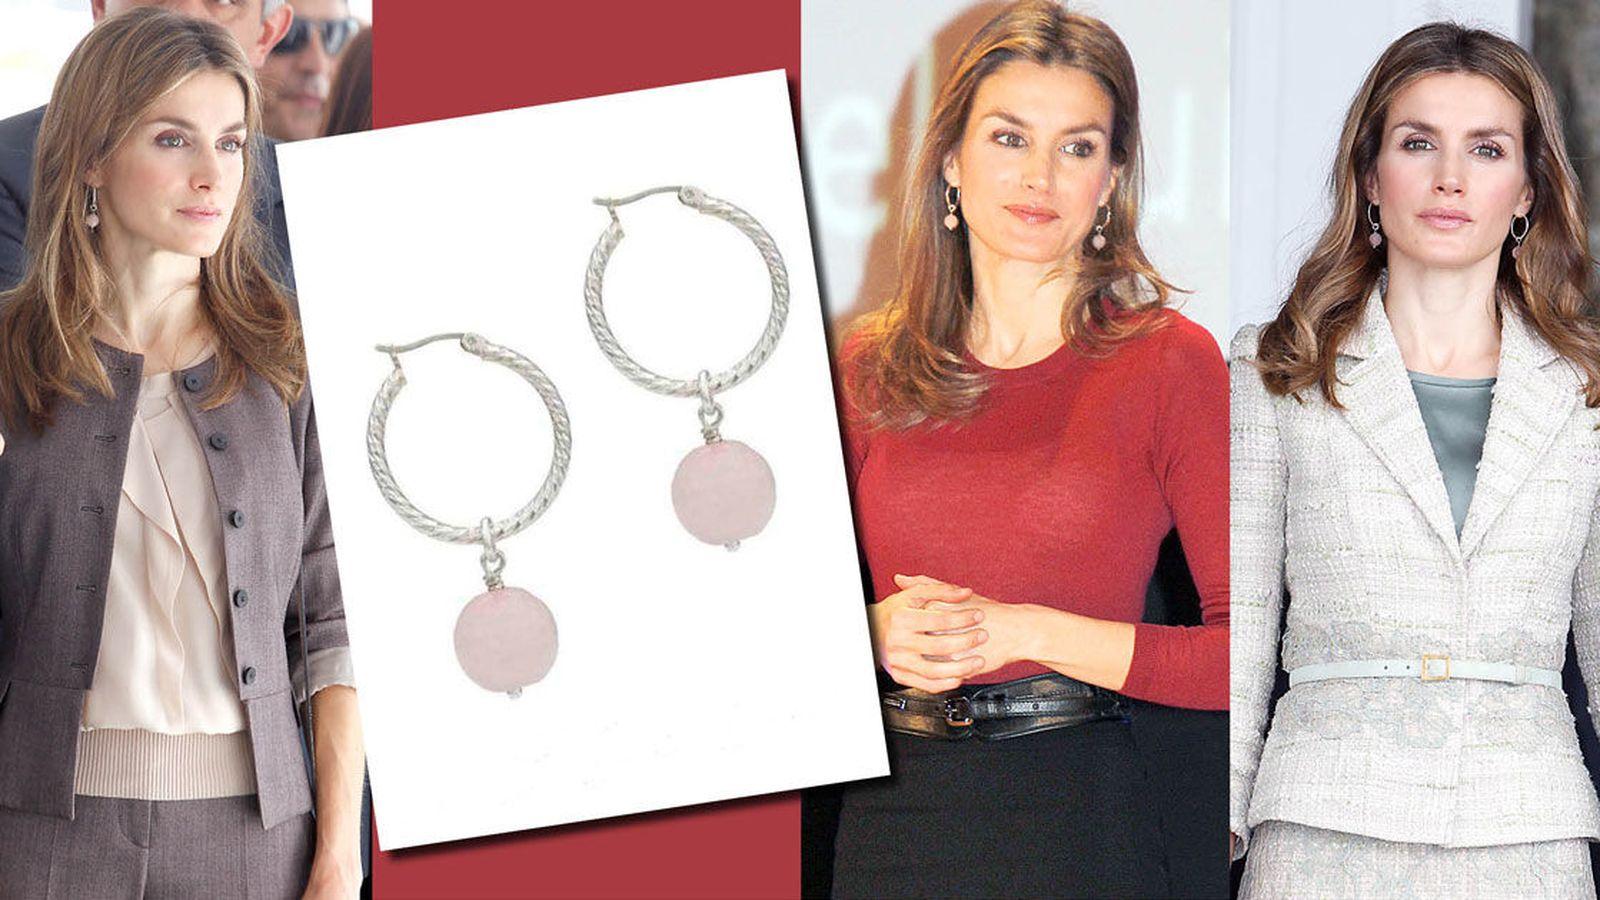 ccaac4160316 Reina Letizia  Vanitatis y Alexandra Plata sortean los pendientes de Doña  Letizia